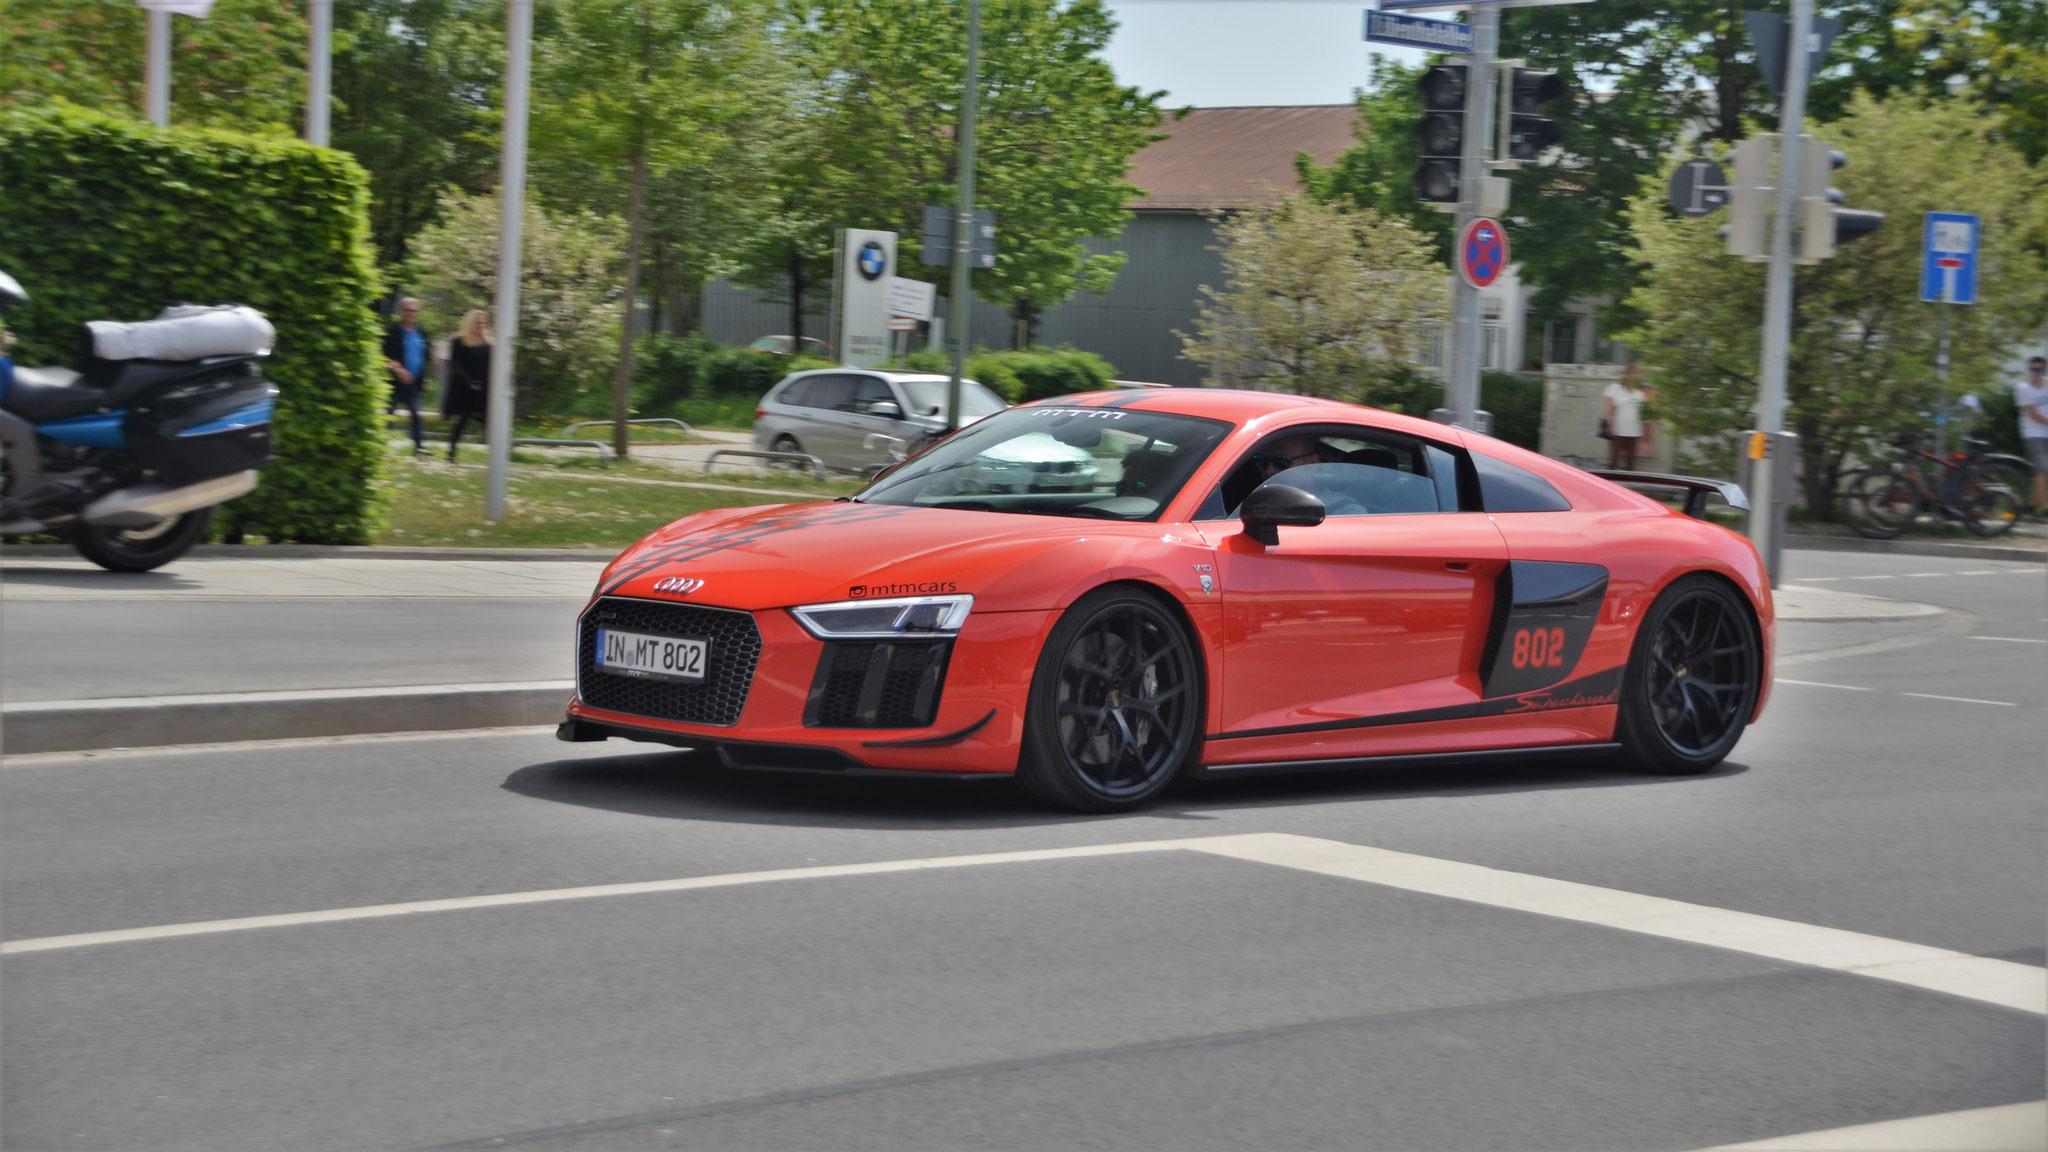 Audi R8  MTM - IN-MT-802